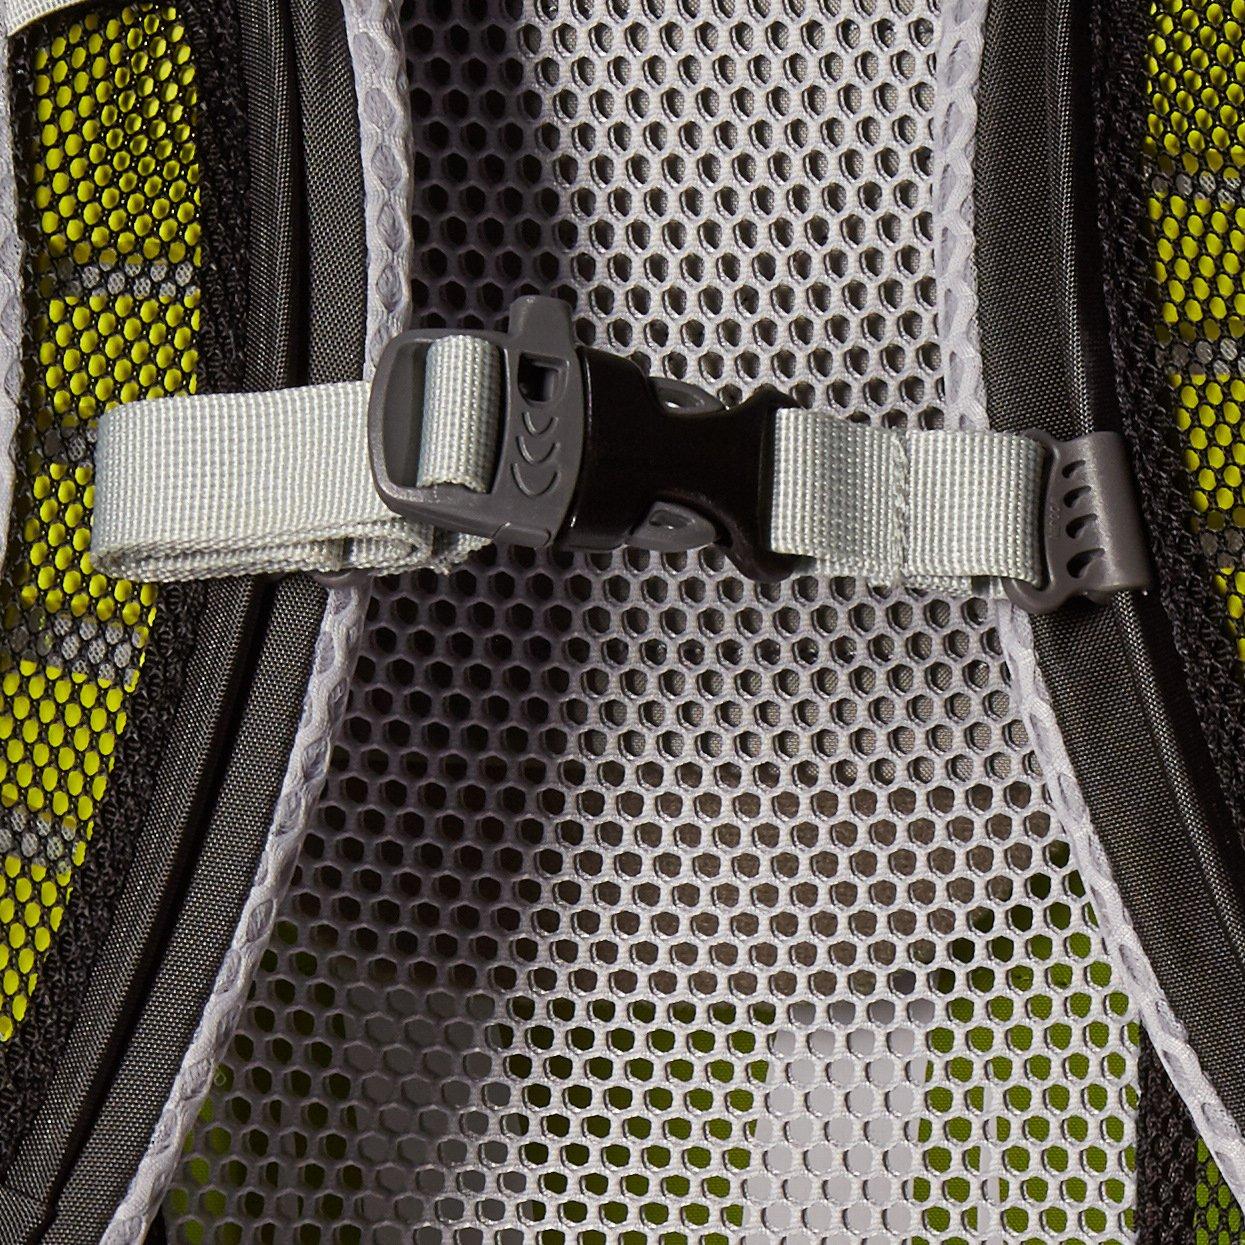 Osprey Packs Stratos 24 Mens Hiking Backpack